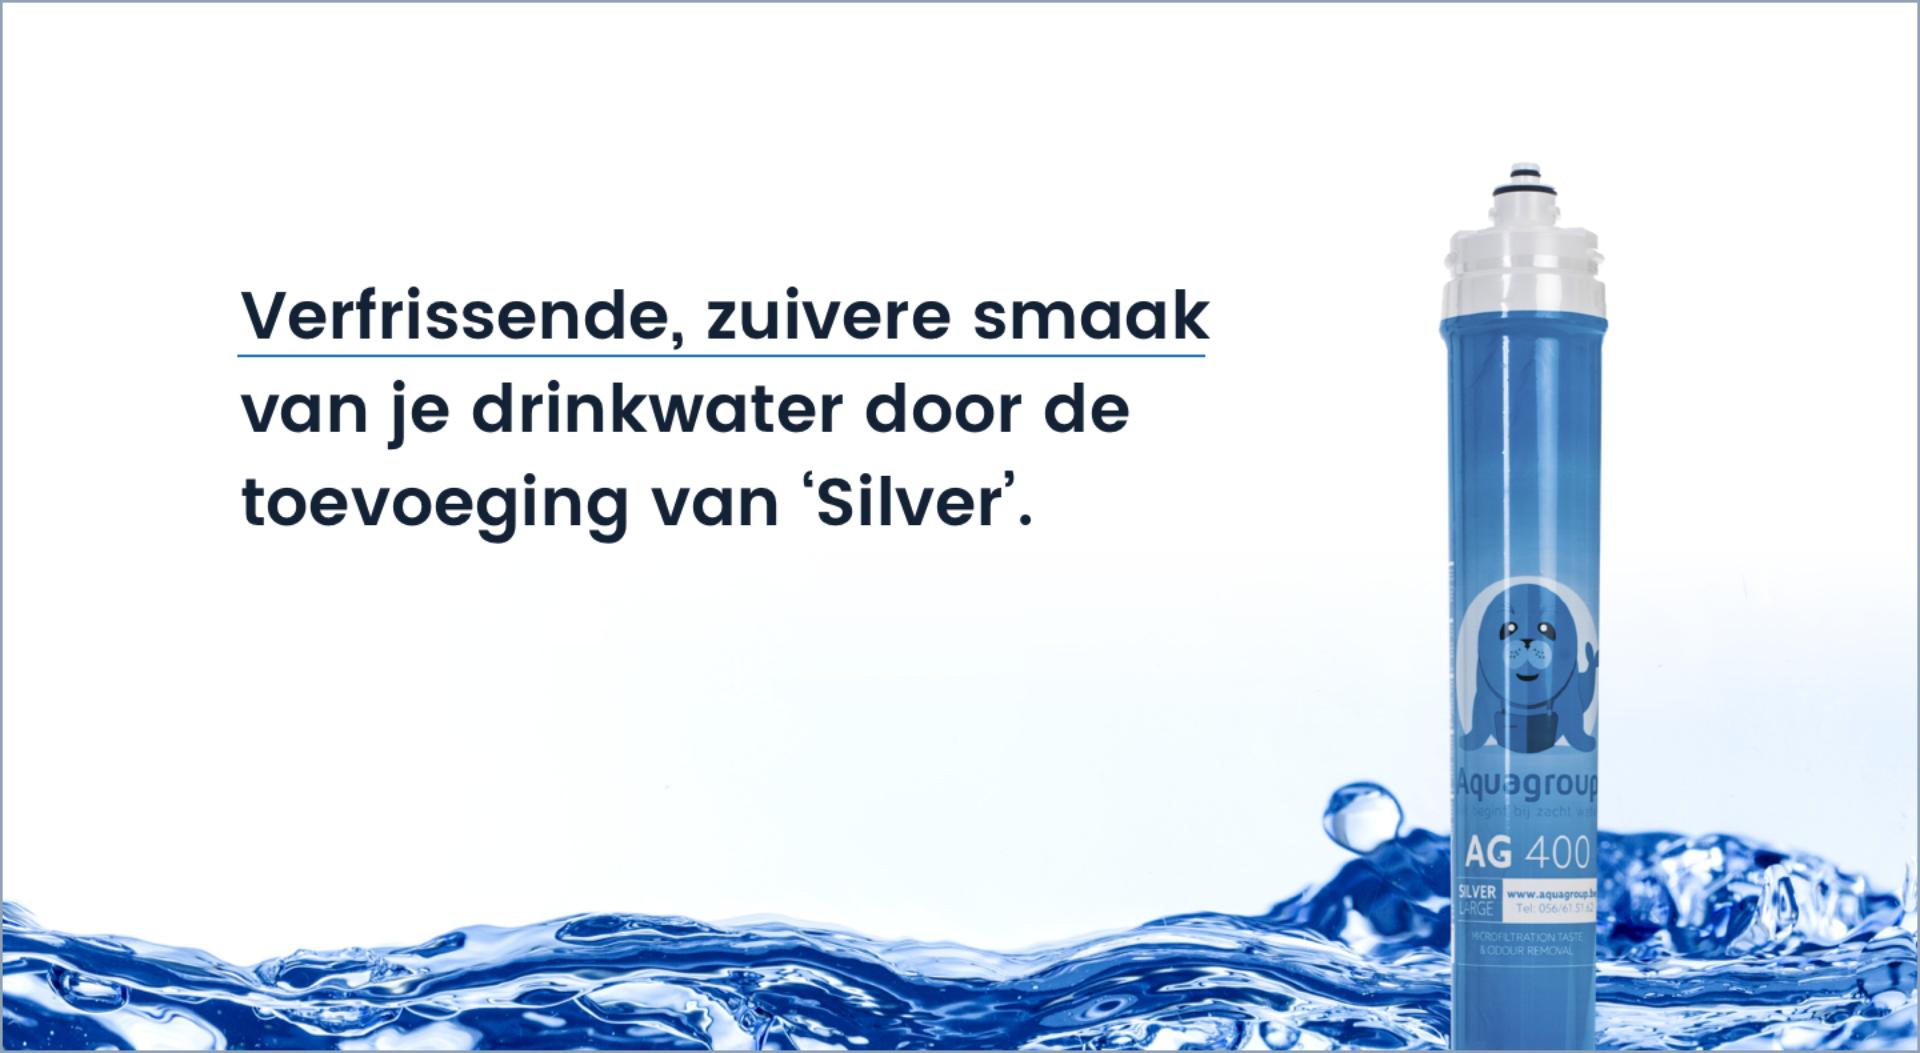 De drinkwaterfilter zorgt voor een verfrissende, zuivere smaak van je drinkwater door de toevoeging van Silver.